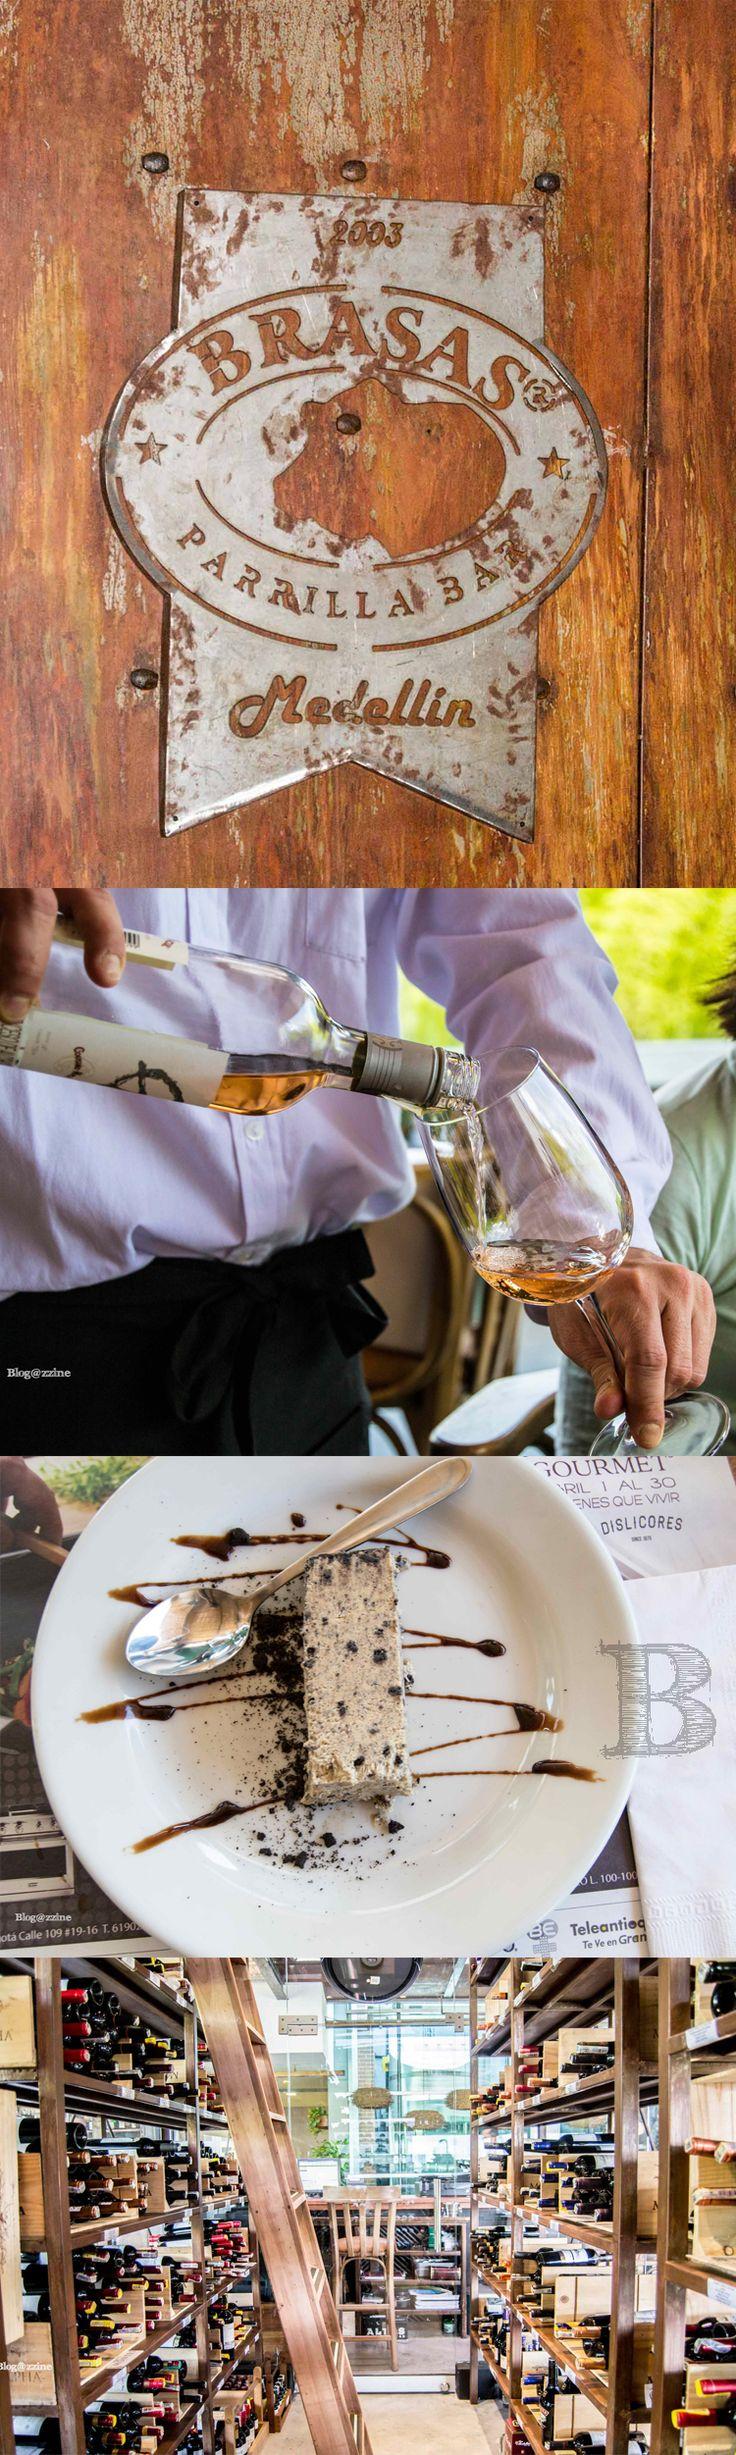 Este es el restaurante #BrasasParrillaBar en Medellín,  uno de los restaurantes de la ciudad que tiene su propia cava de vinos y la más completa de la ciudad. Acá disfrutamos de la mejor comida, junto a los mejores vinos. #EstilodeVidaBlogazzine #vinos #delish #gastronomía #delicious